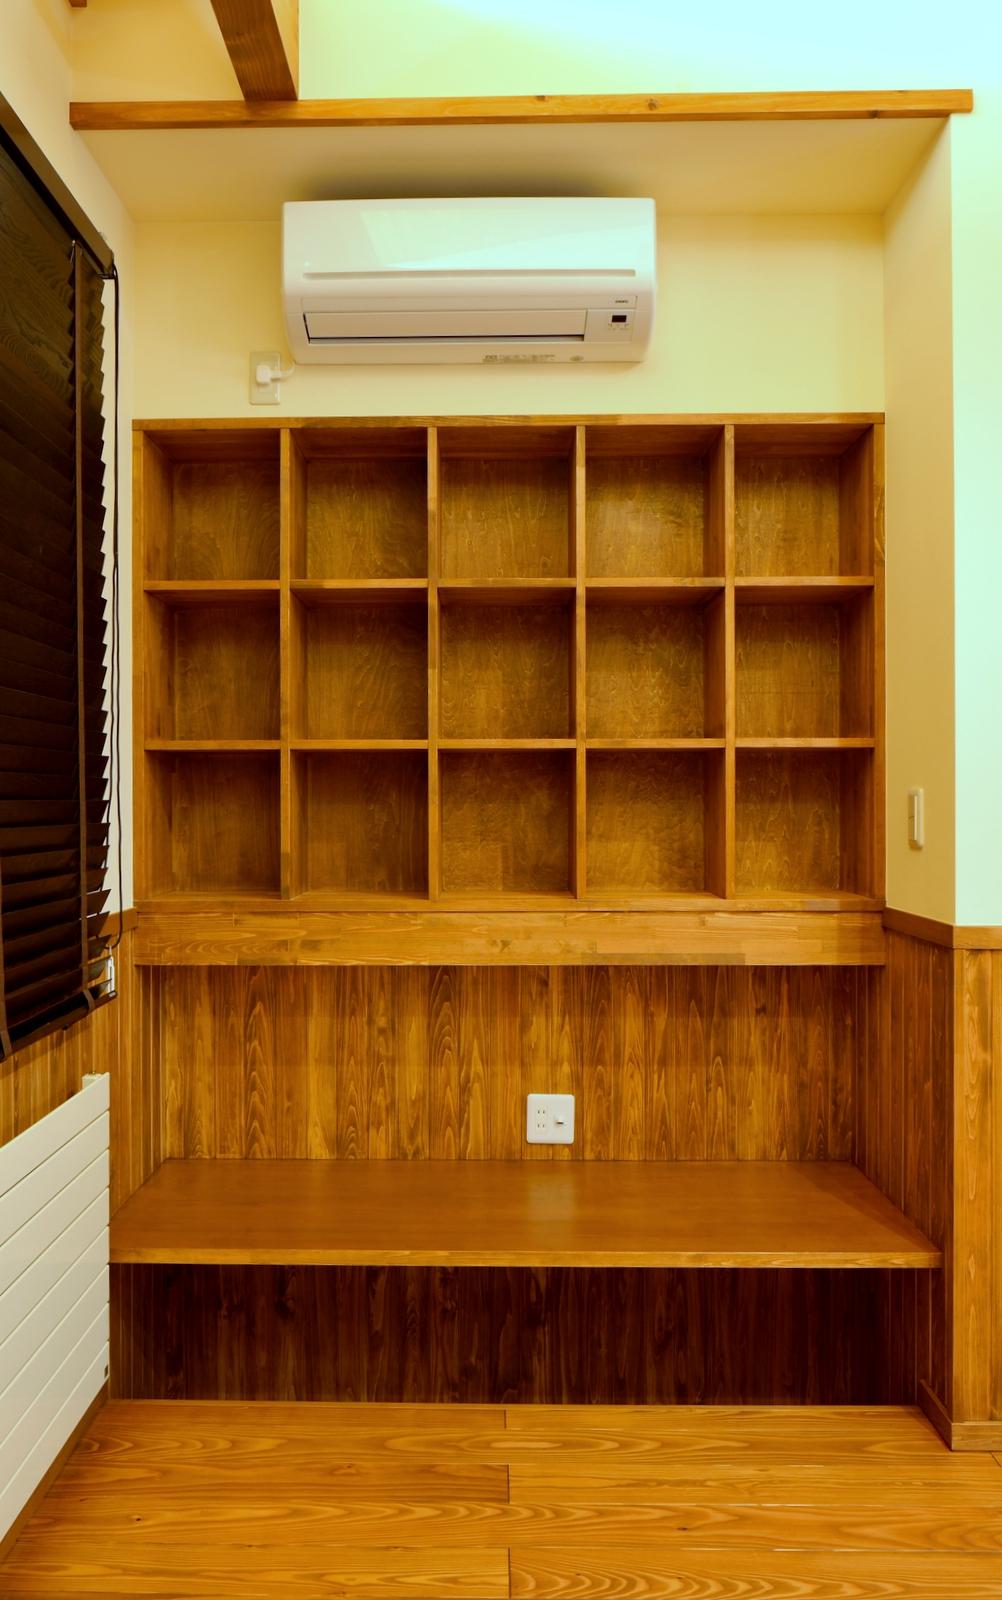 書棚を備えた書斎スペース、床に下がりをつけて空間を確保